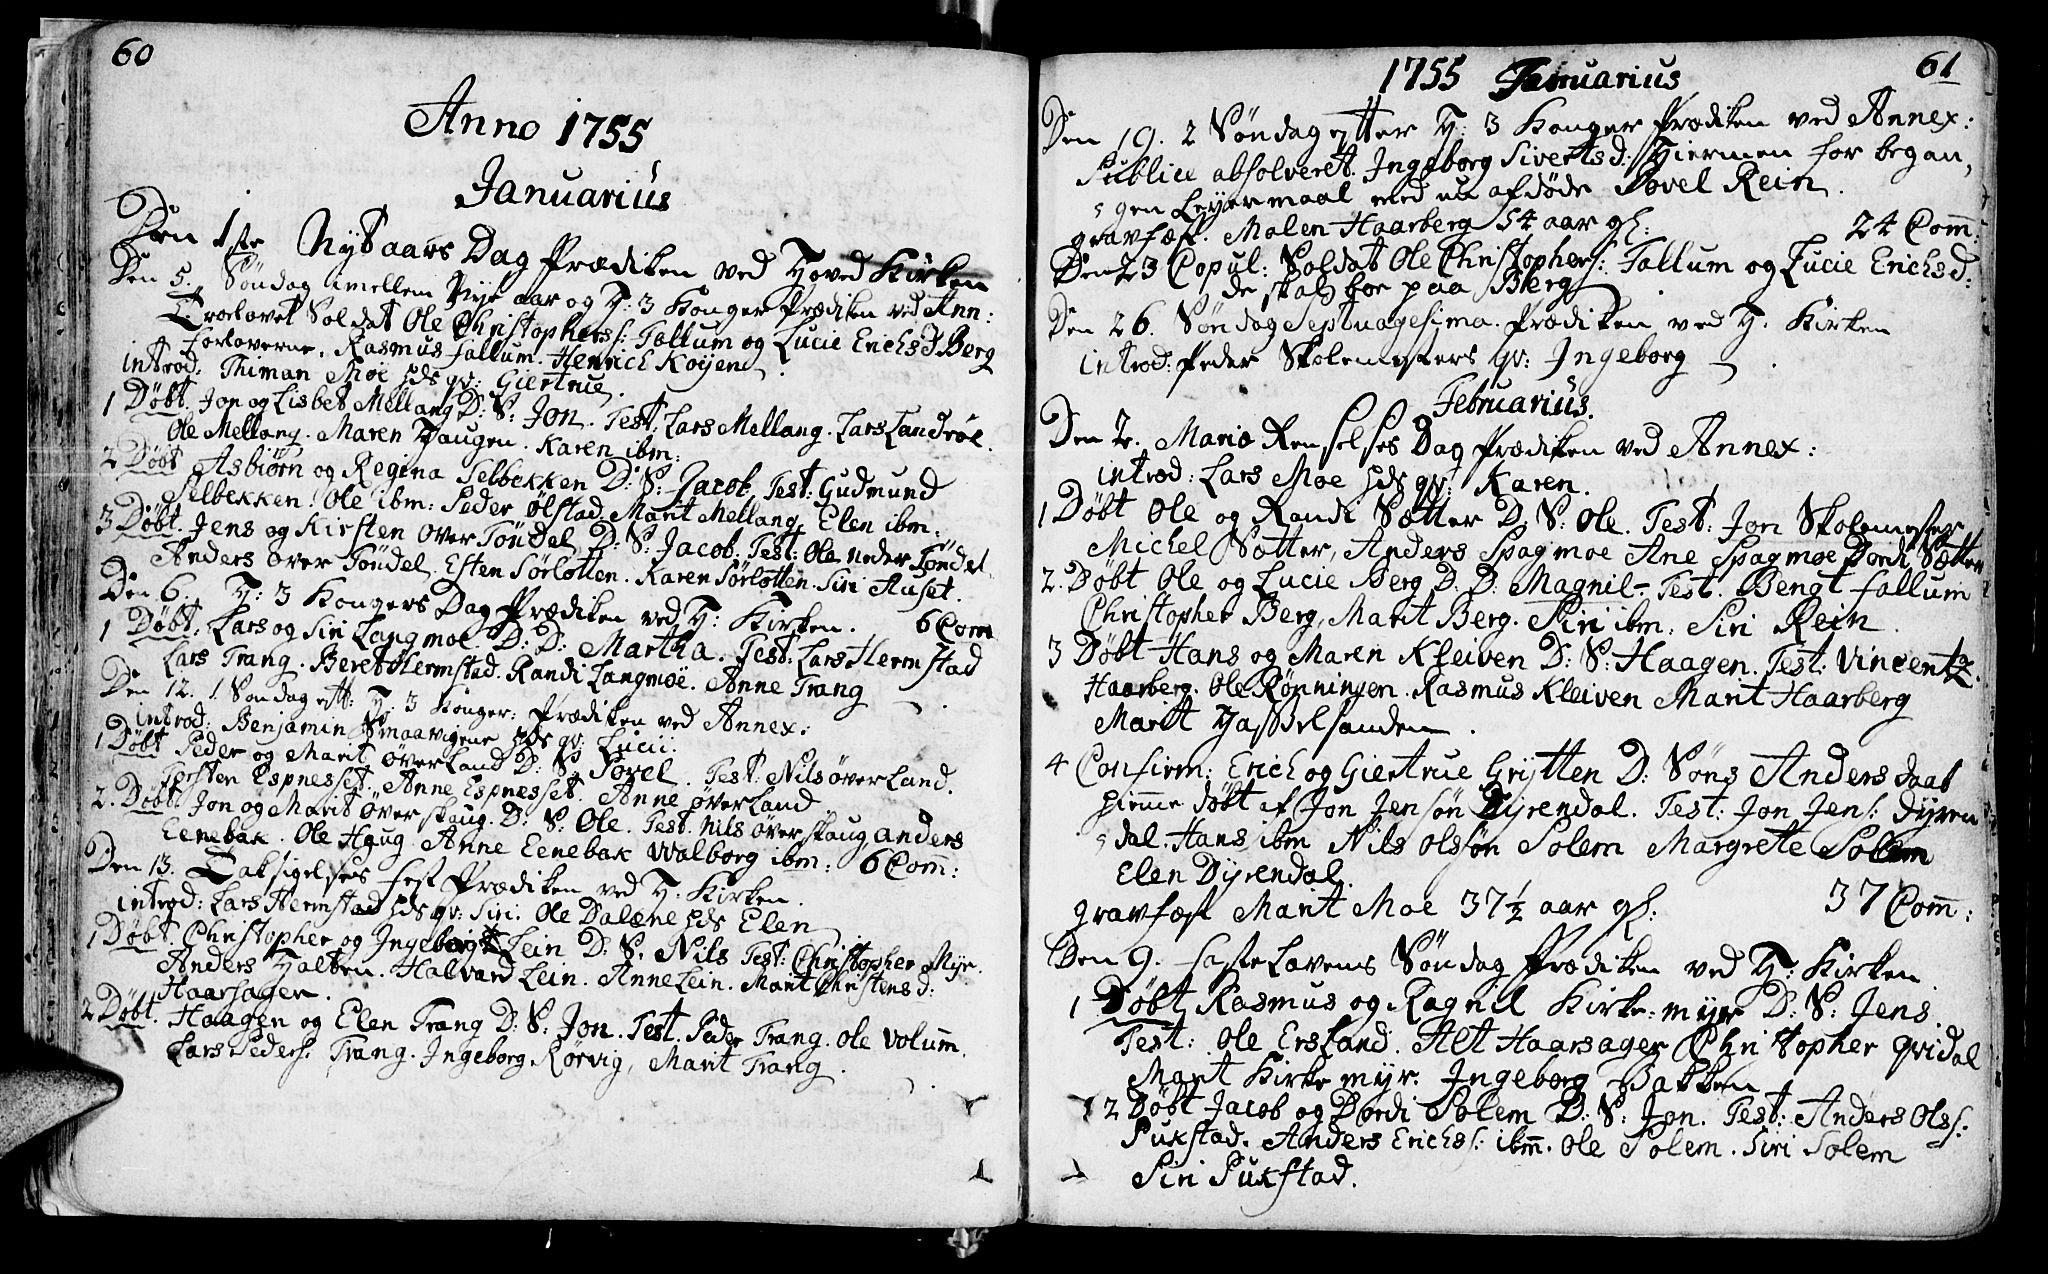 SAT, Ministerialprotokoller, klokkerbøker og fødselsregistre - Sør-Trøndelag, 646/L0605: Ministerialbok nr. 646A03, 1751-1790, s. 60-61